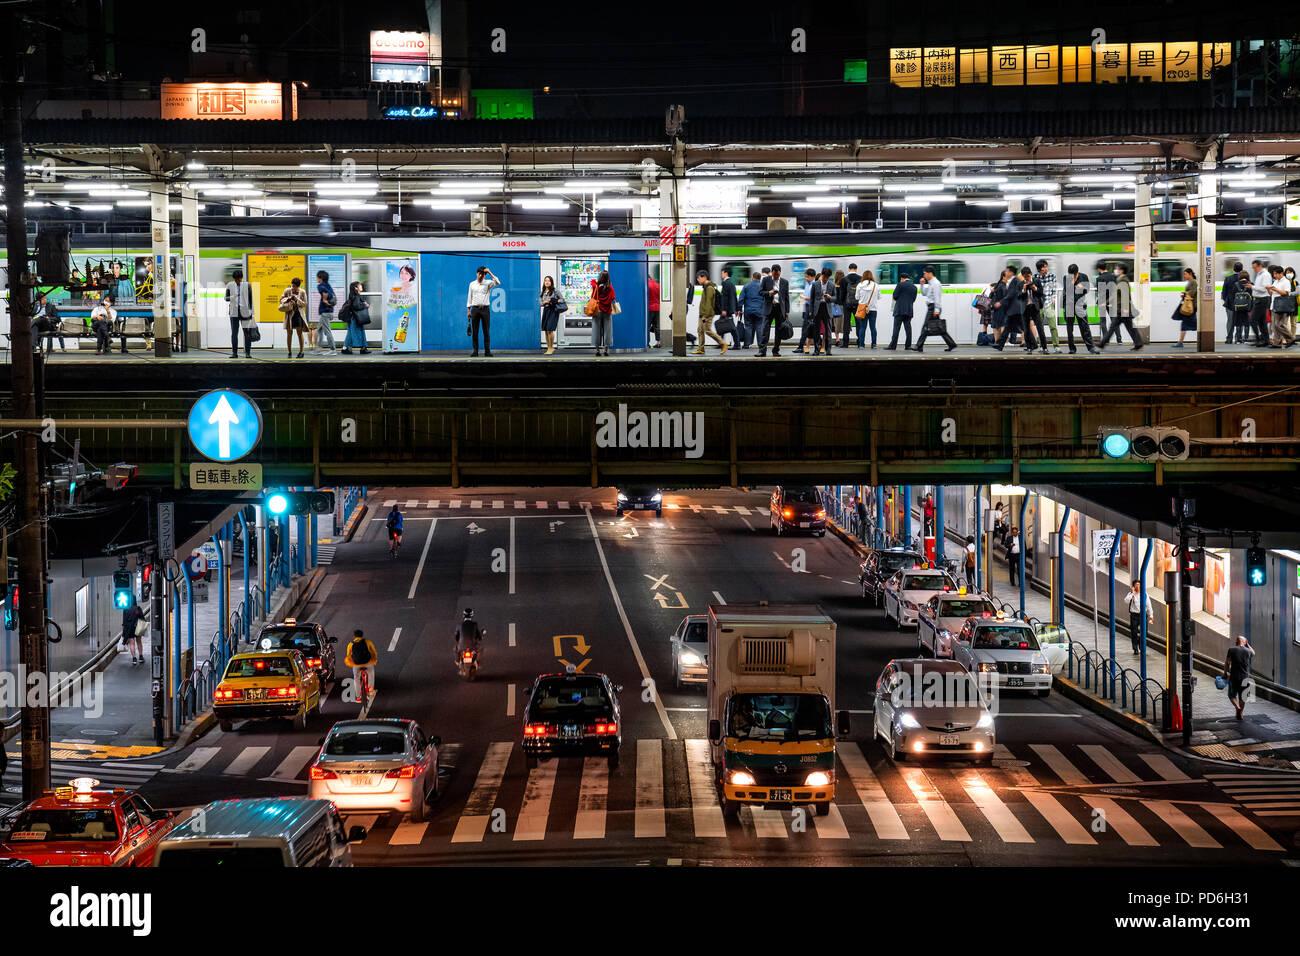 Japan, Insel Honshu, Kanto, Tokio, einen Bahnhof und eine unter trafic Straße entlang der Yamanote Linie. Stockbild